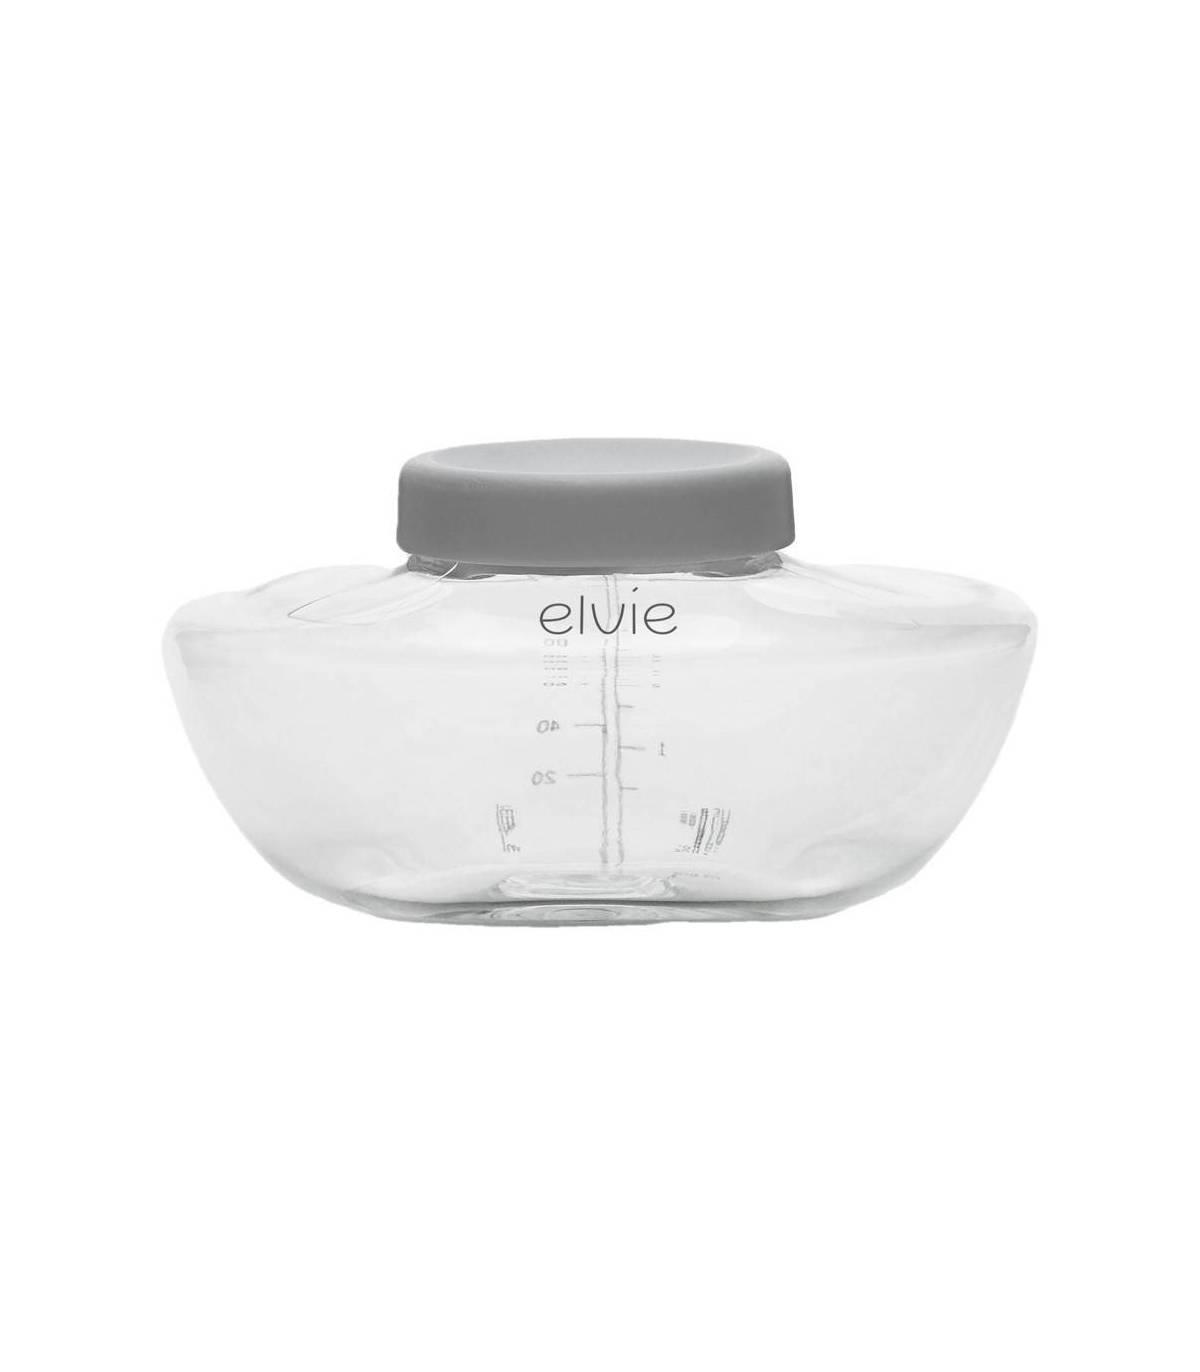 Elvie Flaschen und Deckel 150ml - 3er Pack